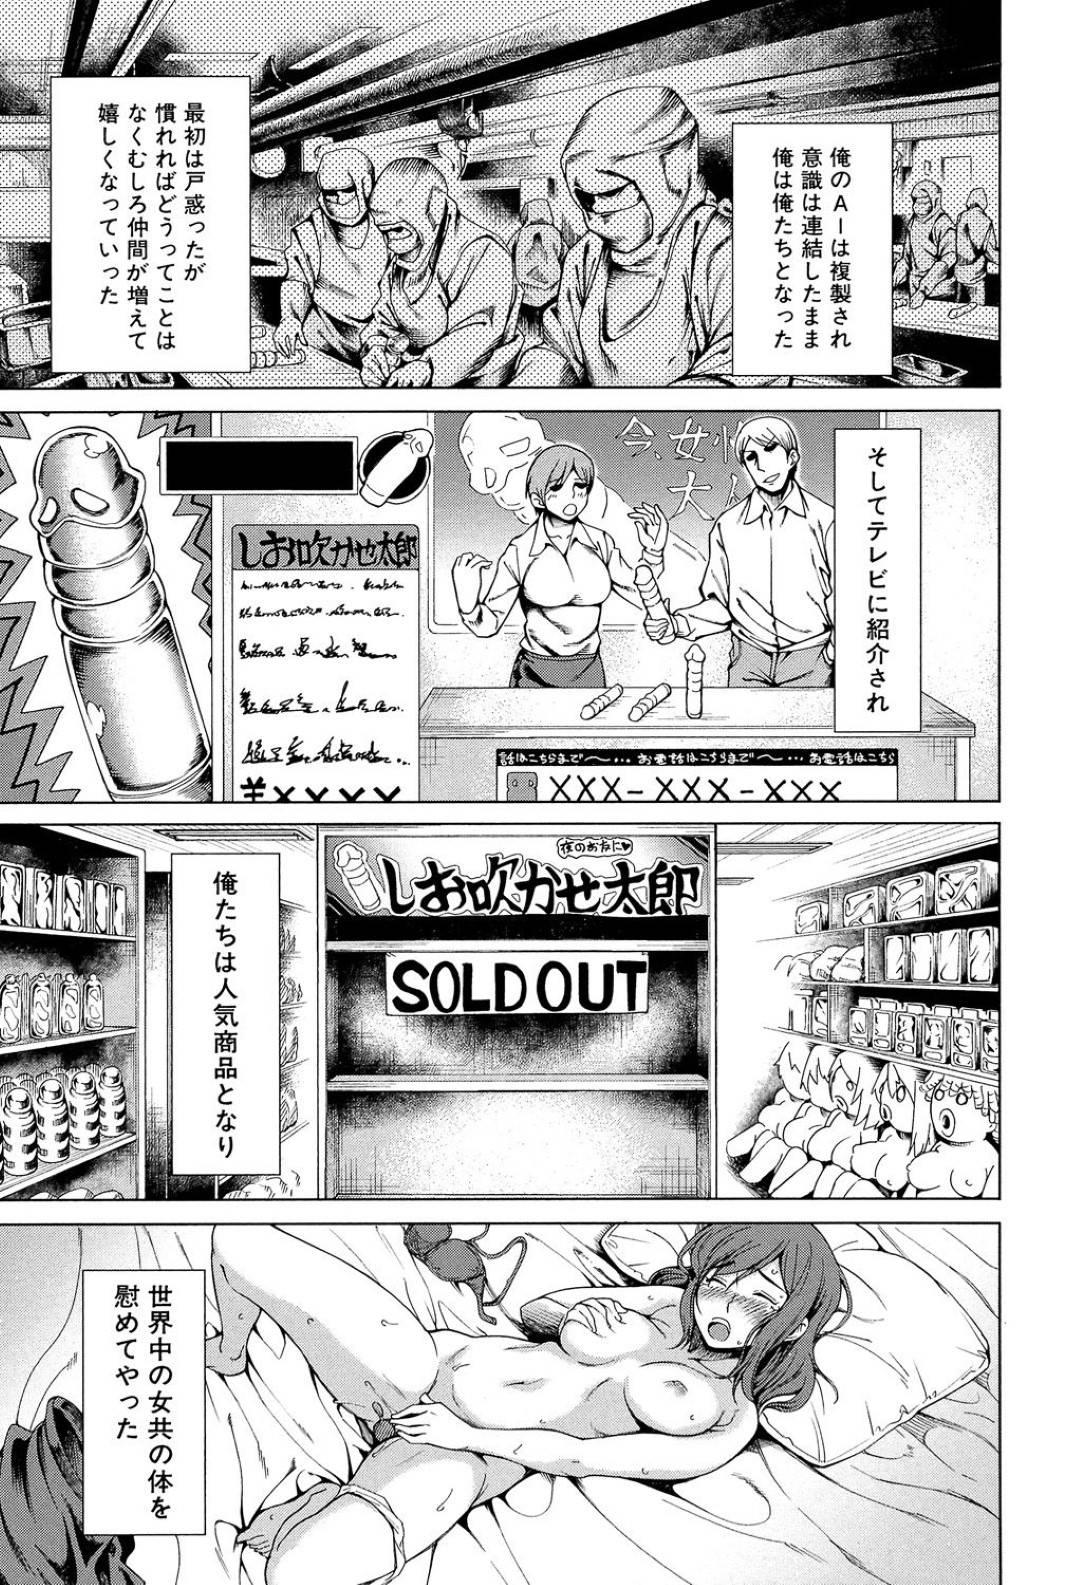 【転生エロ漫画】無職童貞の男はバイブに転生し世界中の女性の体を慰めイかせまくる【たらかん】